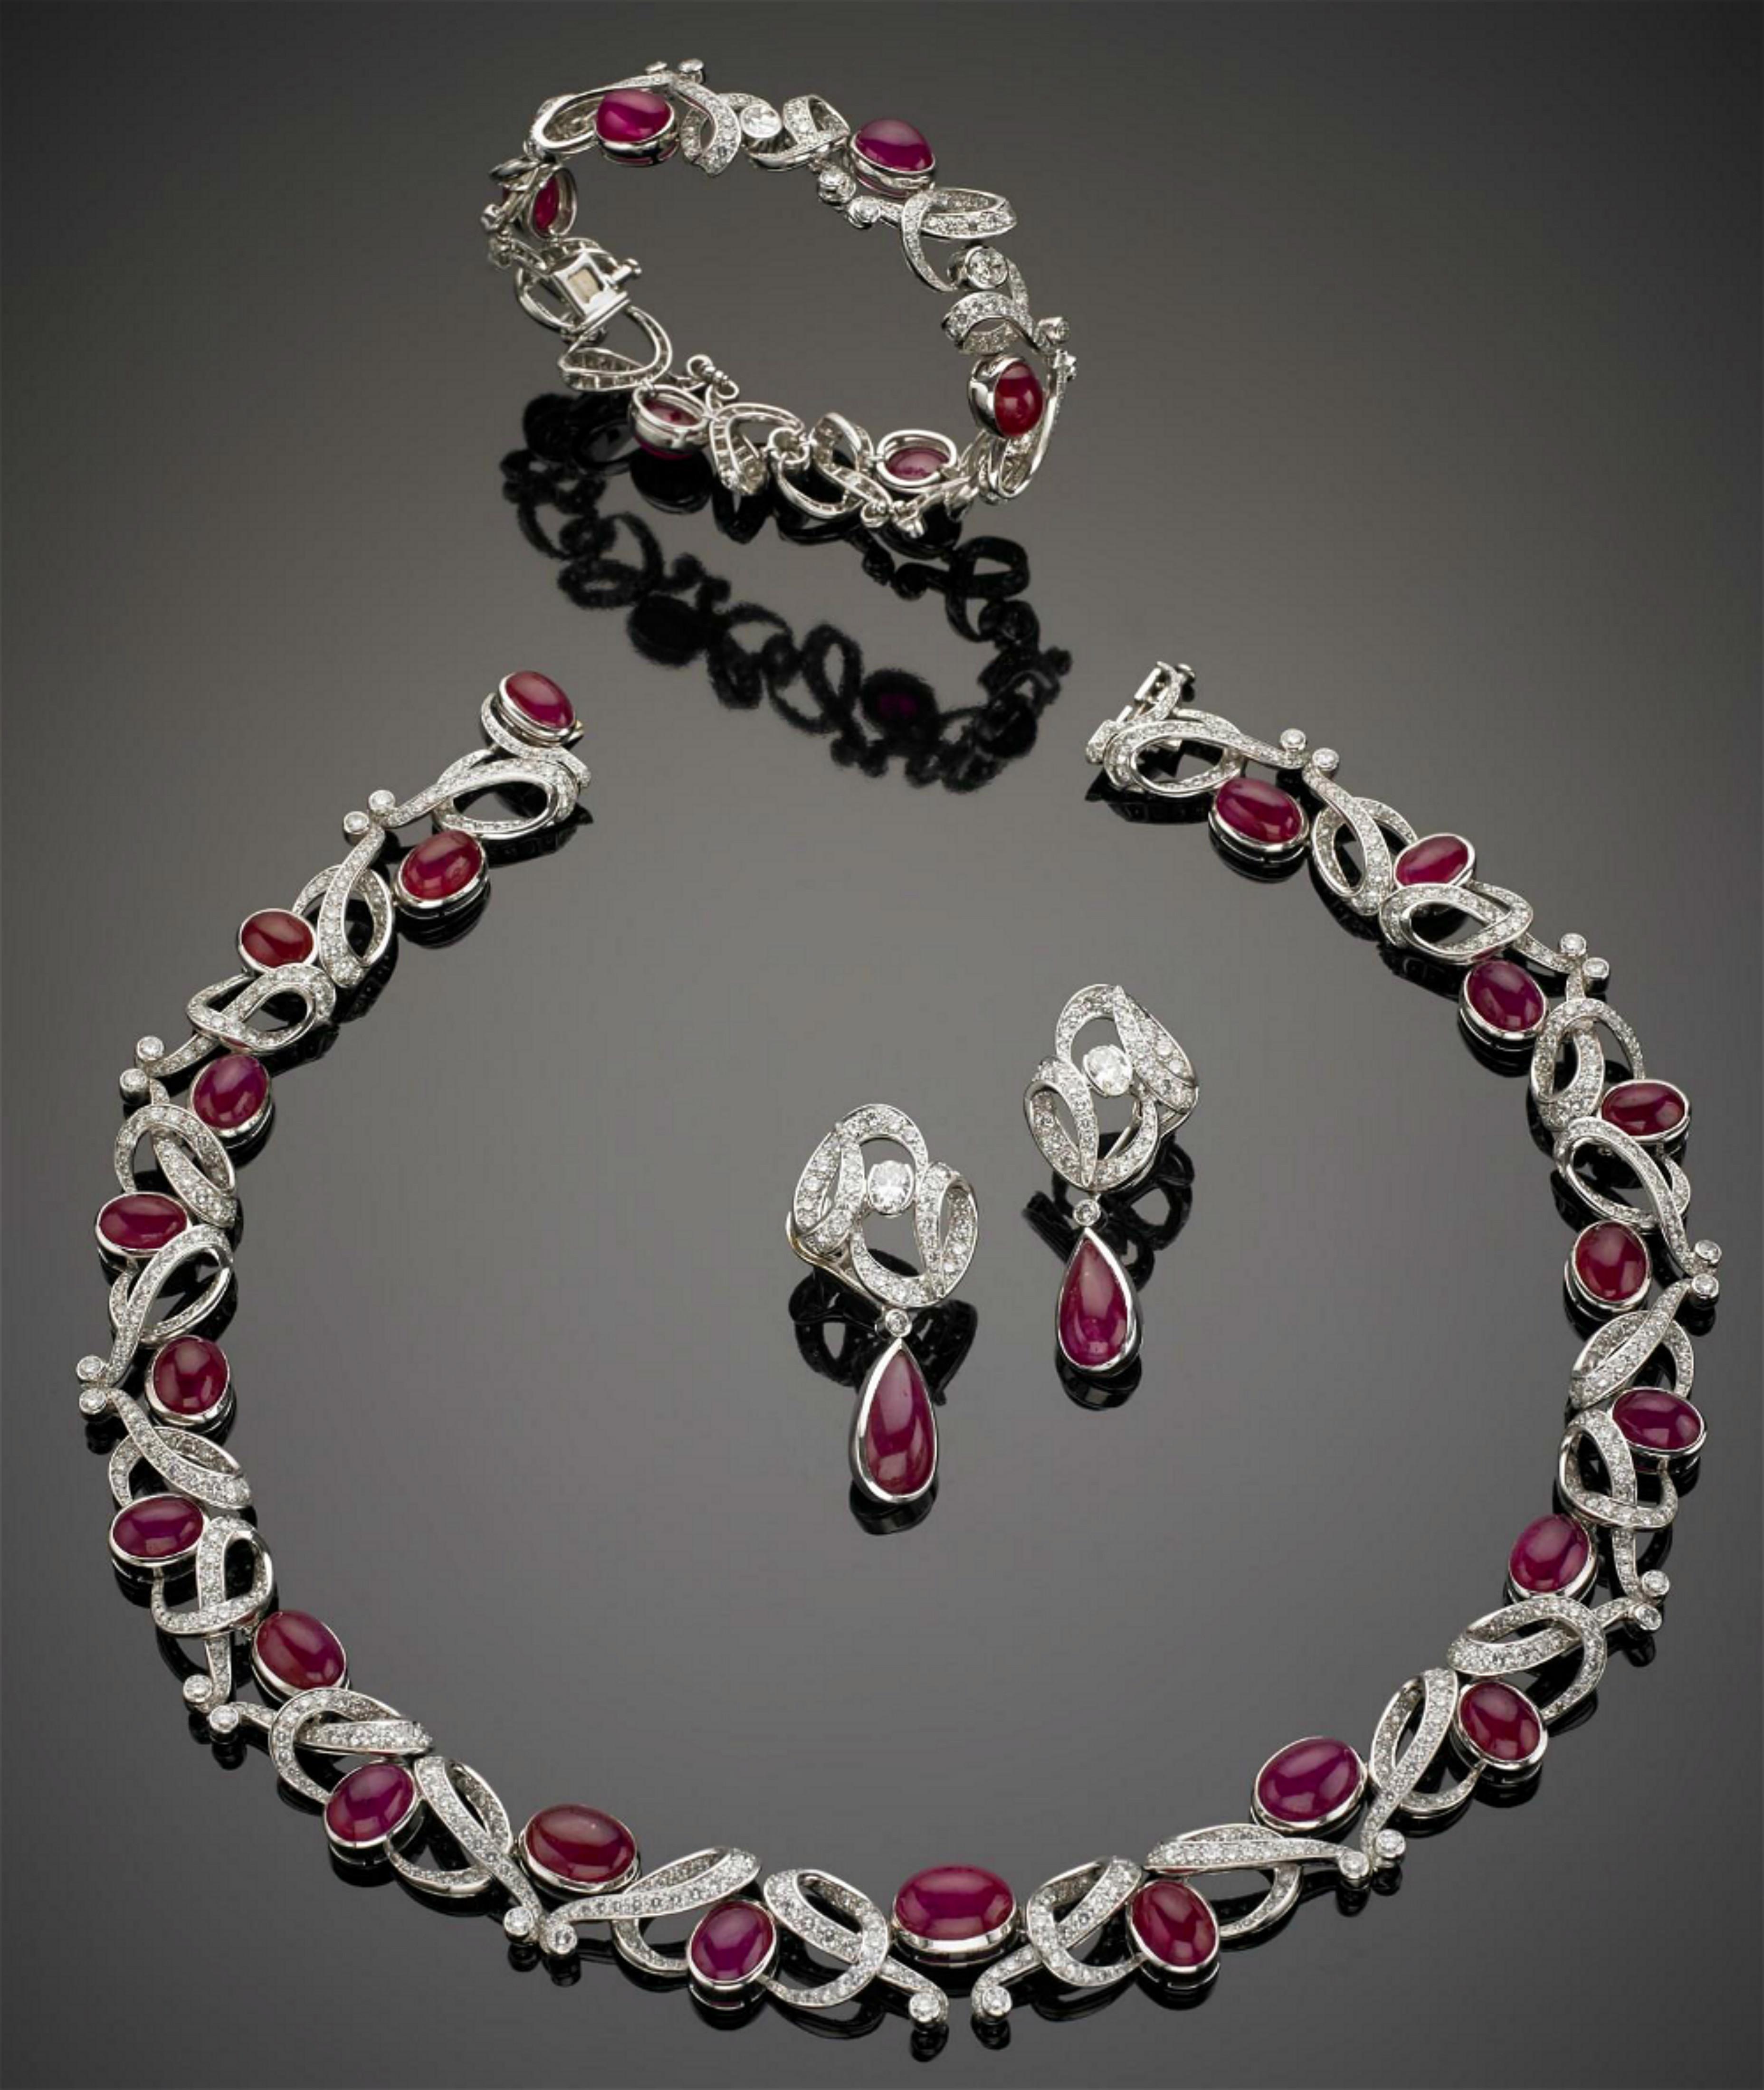 左小青戴名贵珠宝首饰超阔气,多佩戴珠宝每个人都能成为焦点